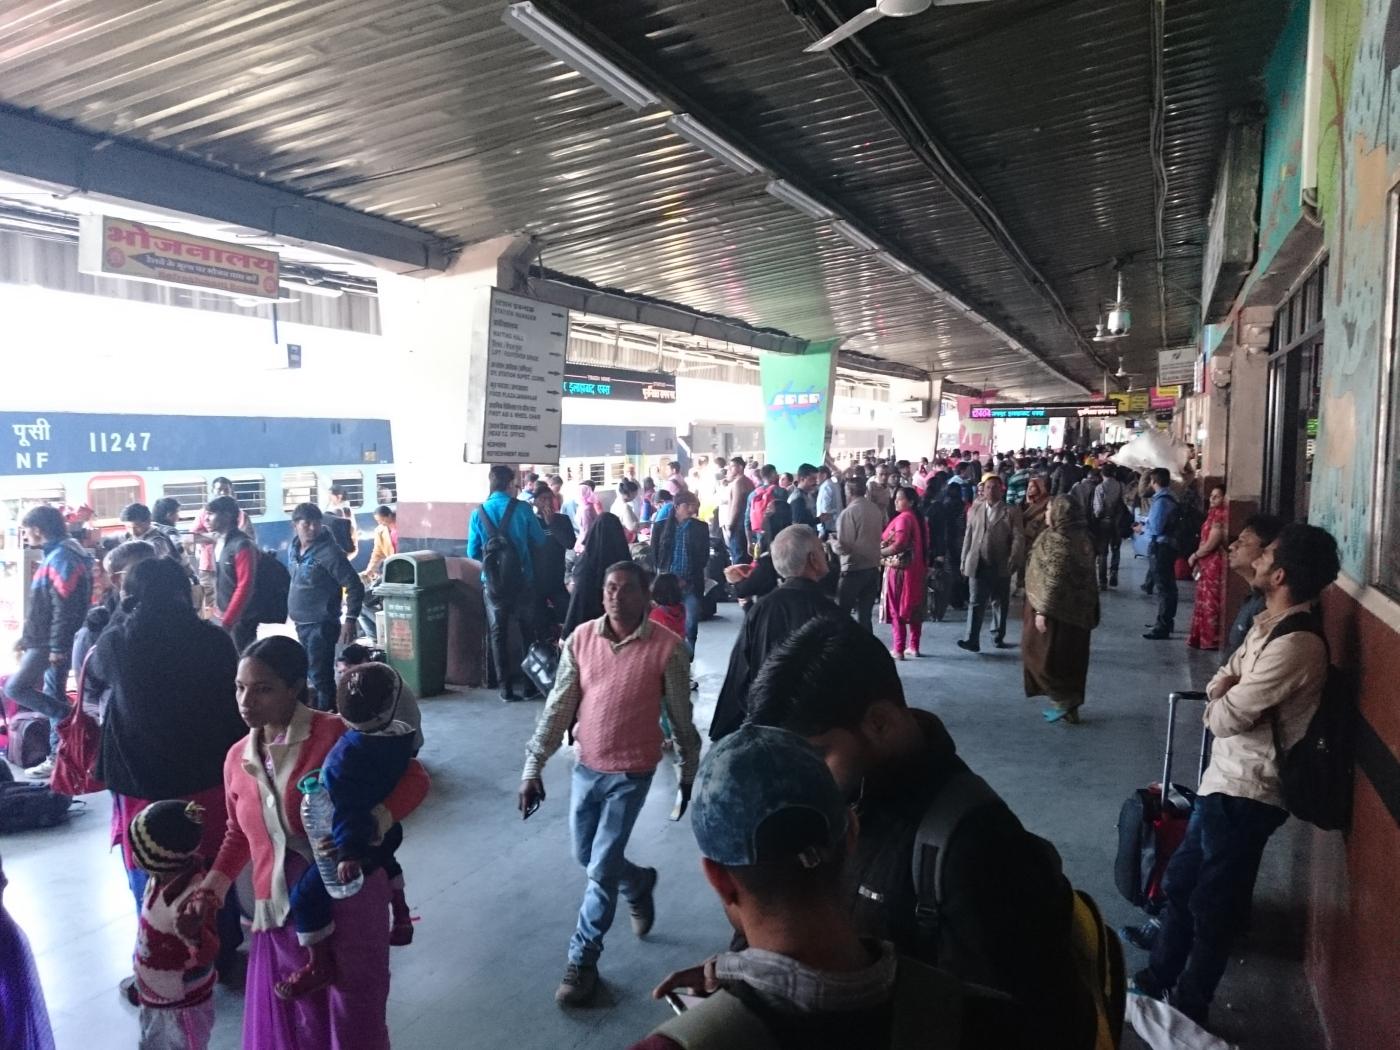 Platform 1, Jaipur Station